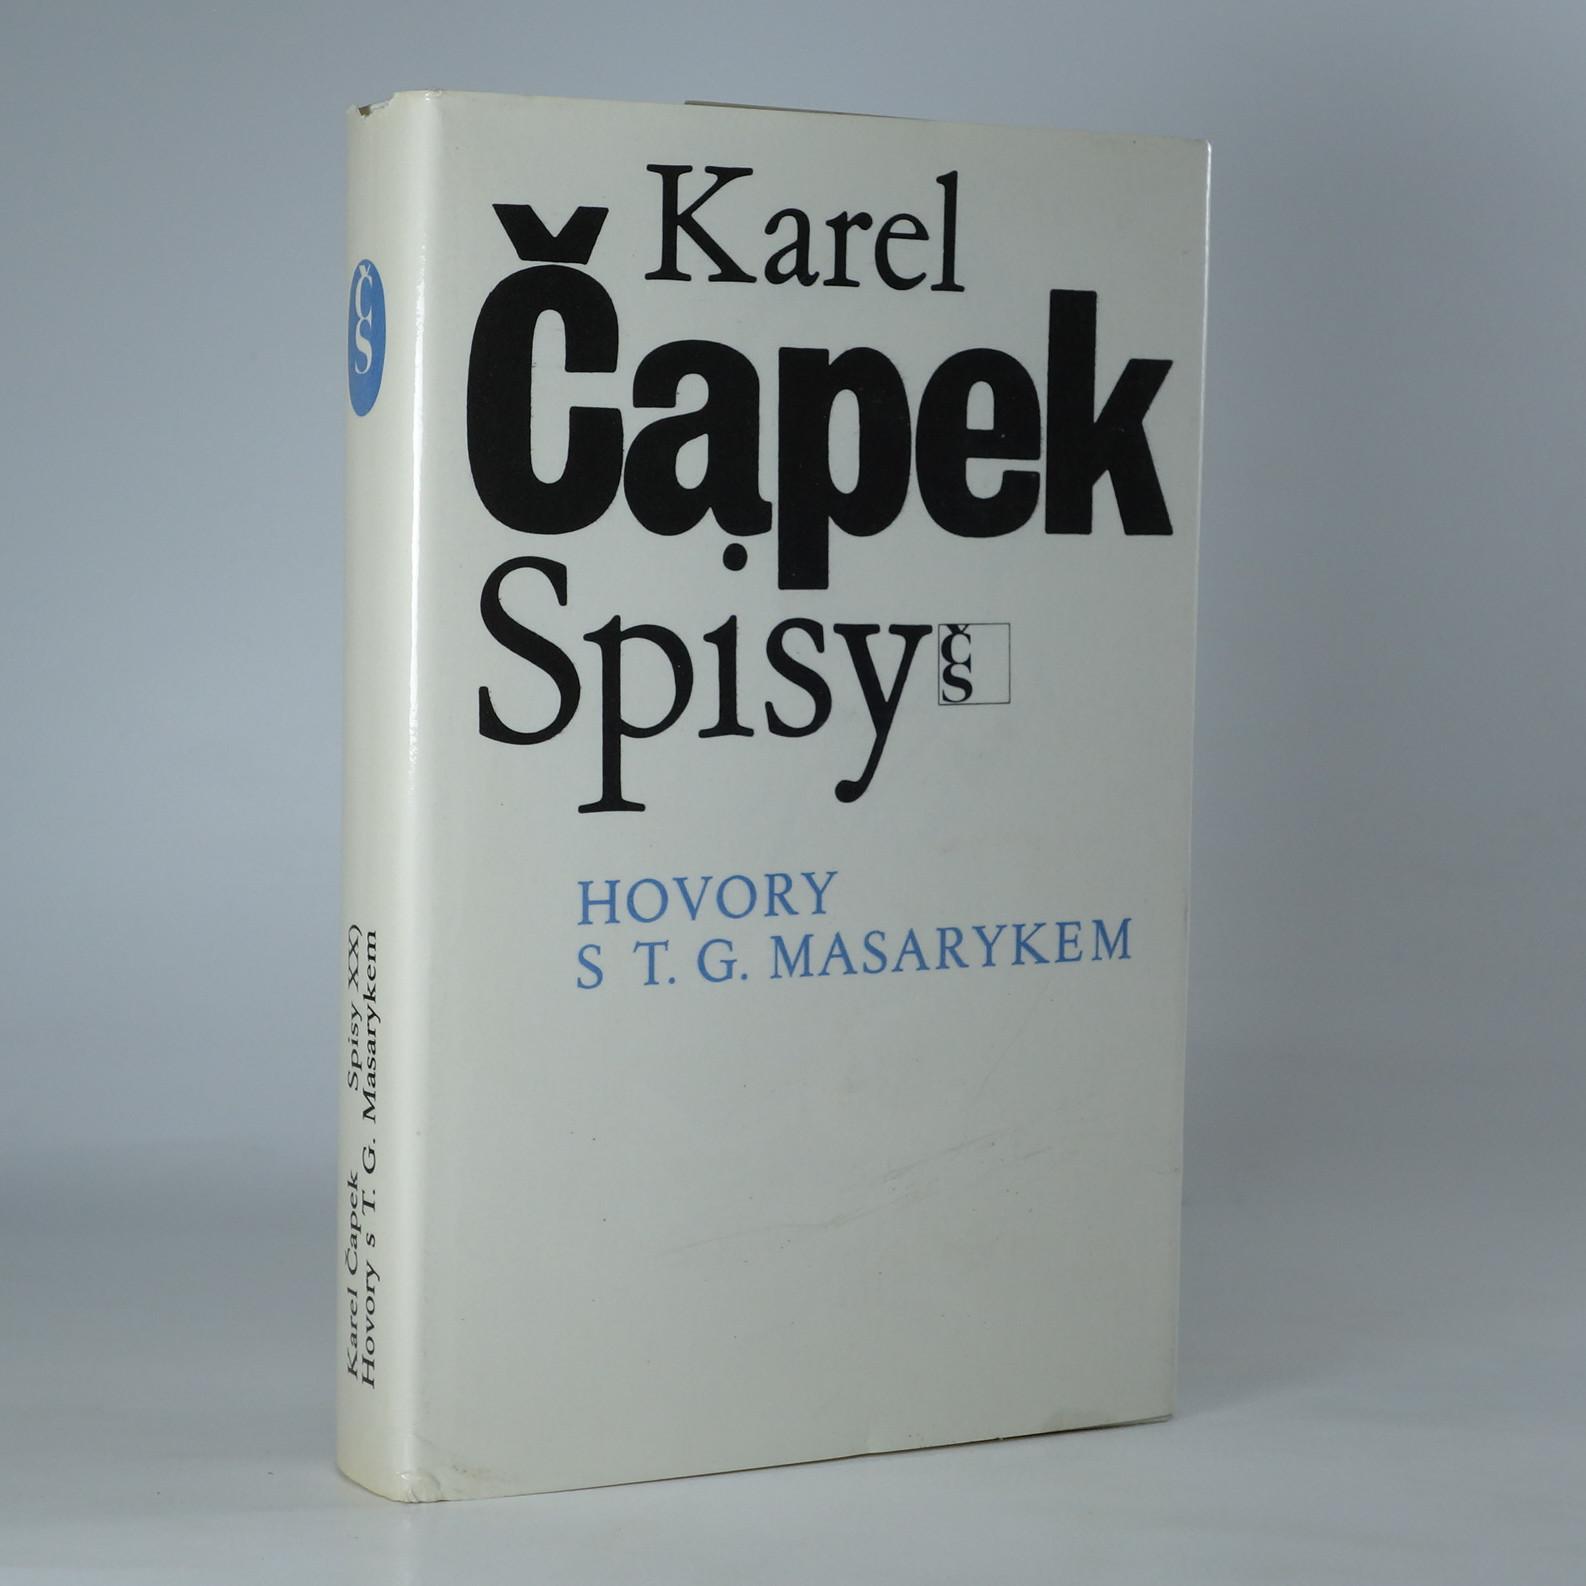 antikvární kniha Hovory s T. G. Masarykem, 1990